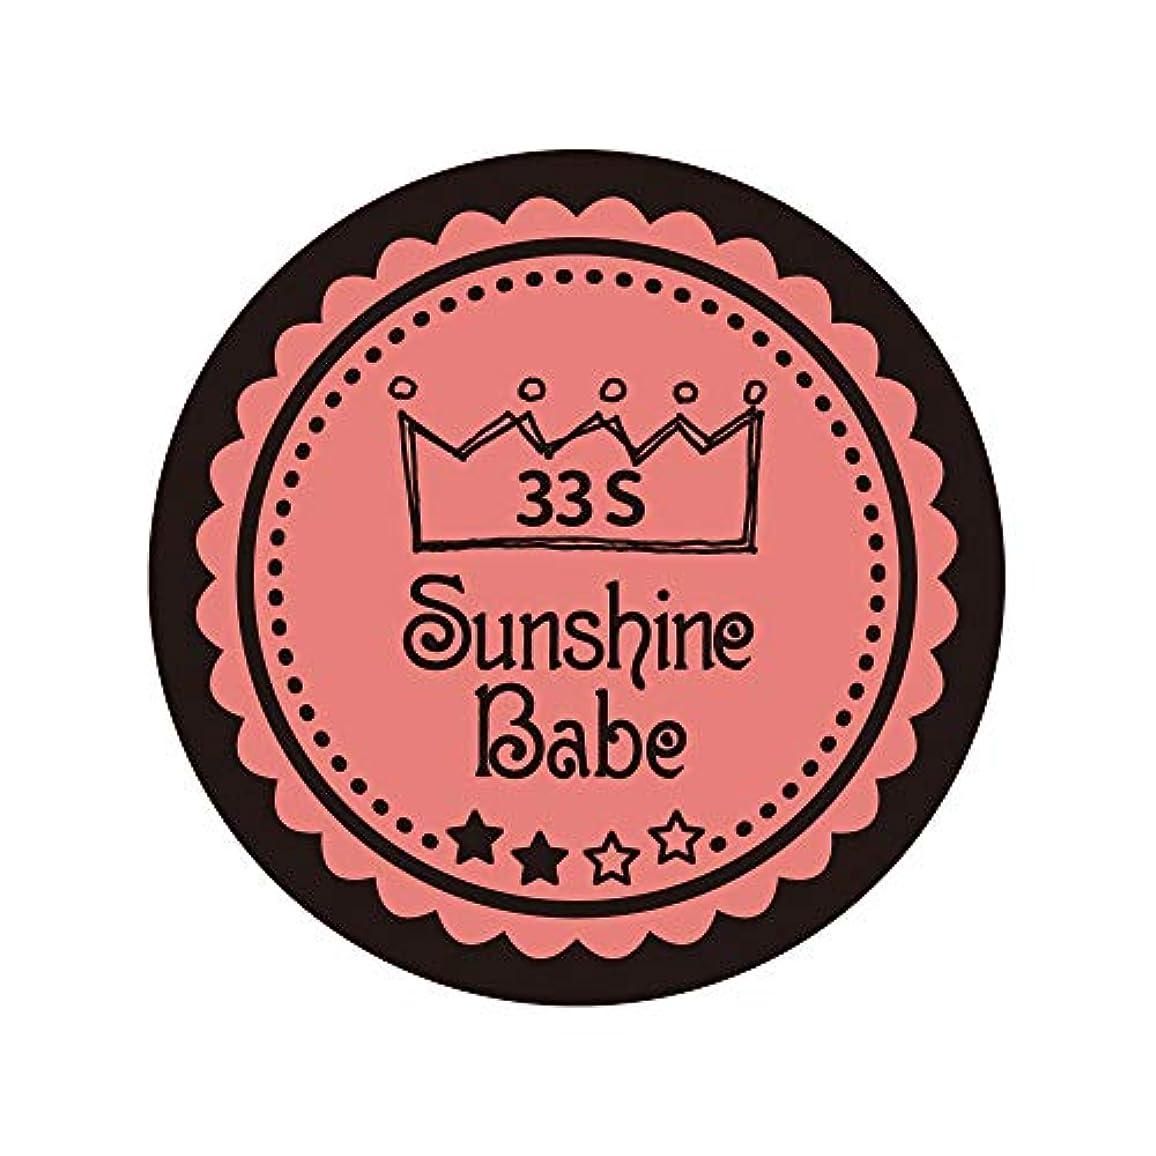 意義テーマ練習したSunshine Babe カラージェル 33S ベイクドコーラルピンク 4g UV/LED対応